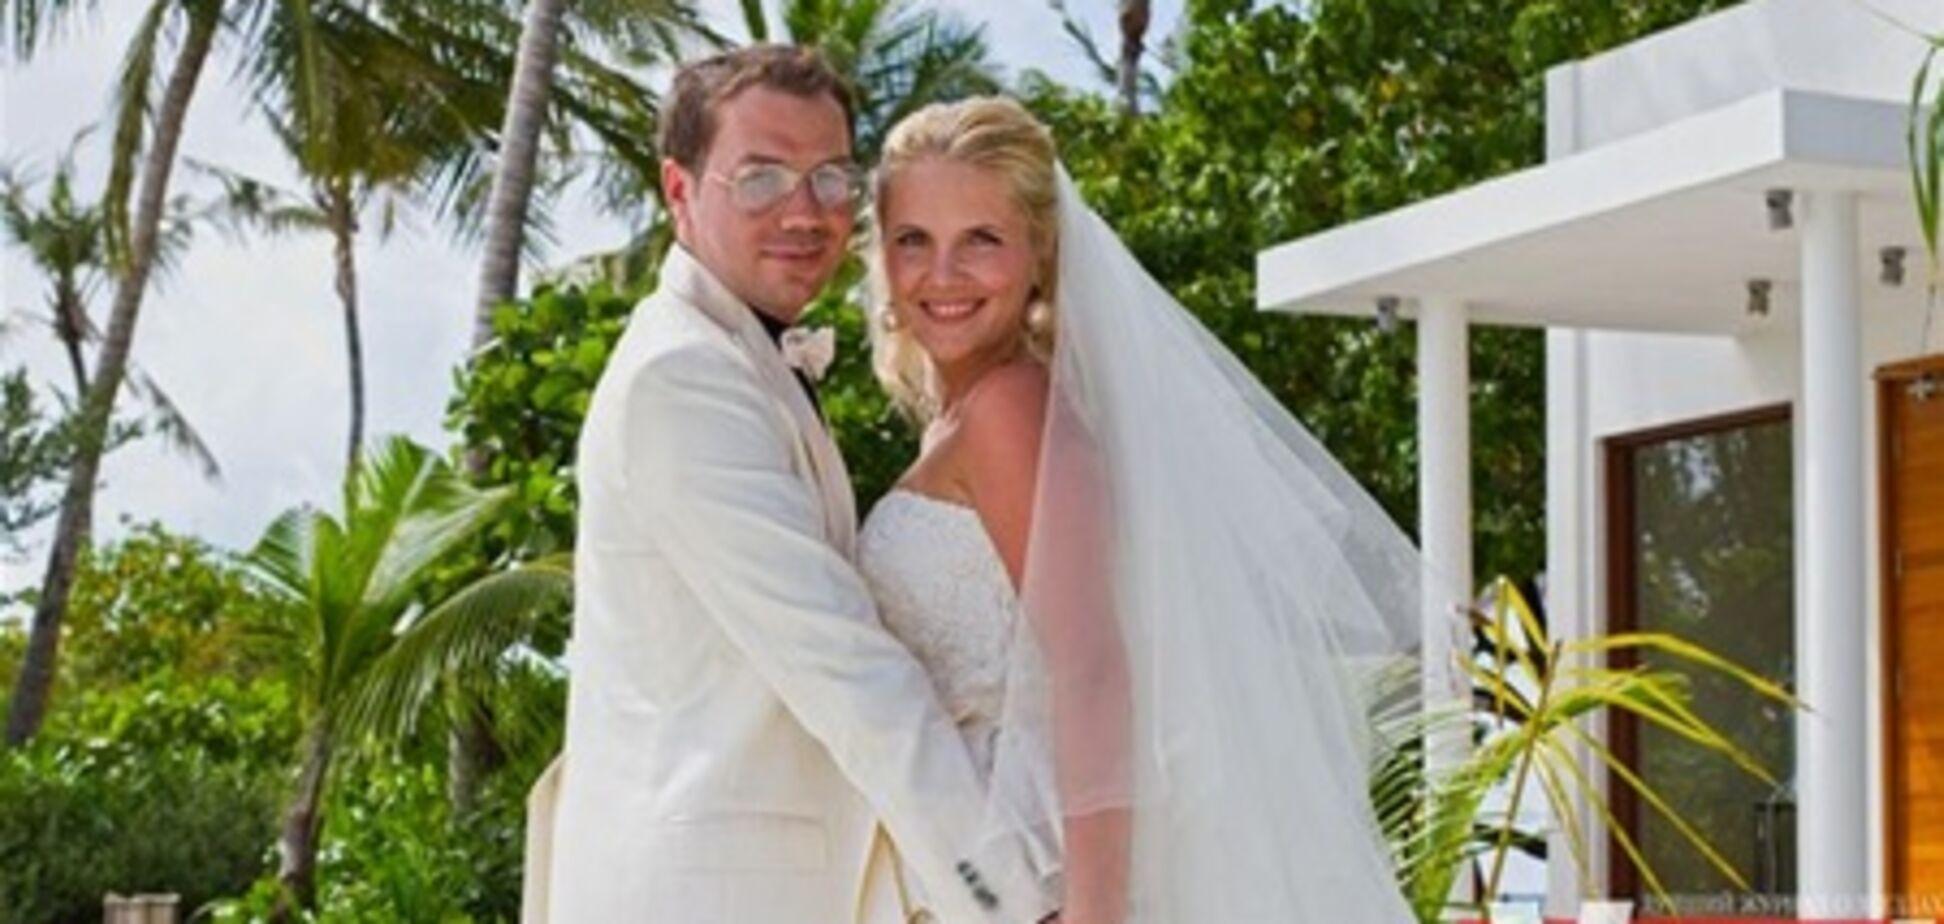 Його вважали геєм, а він взяв і одружився. Фото